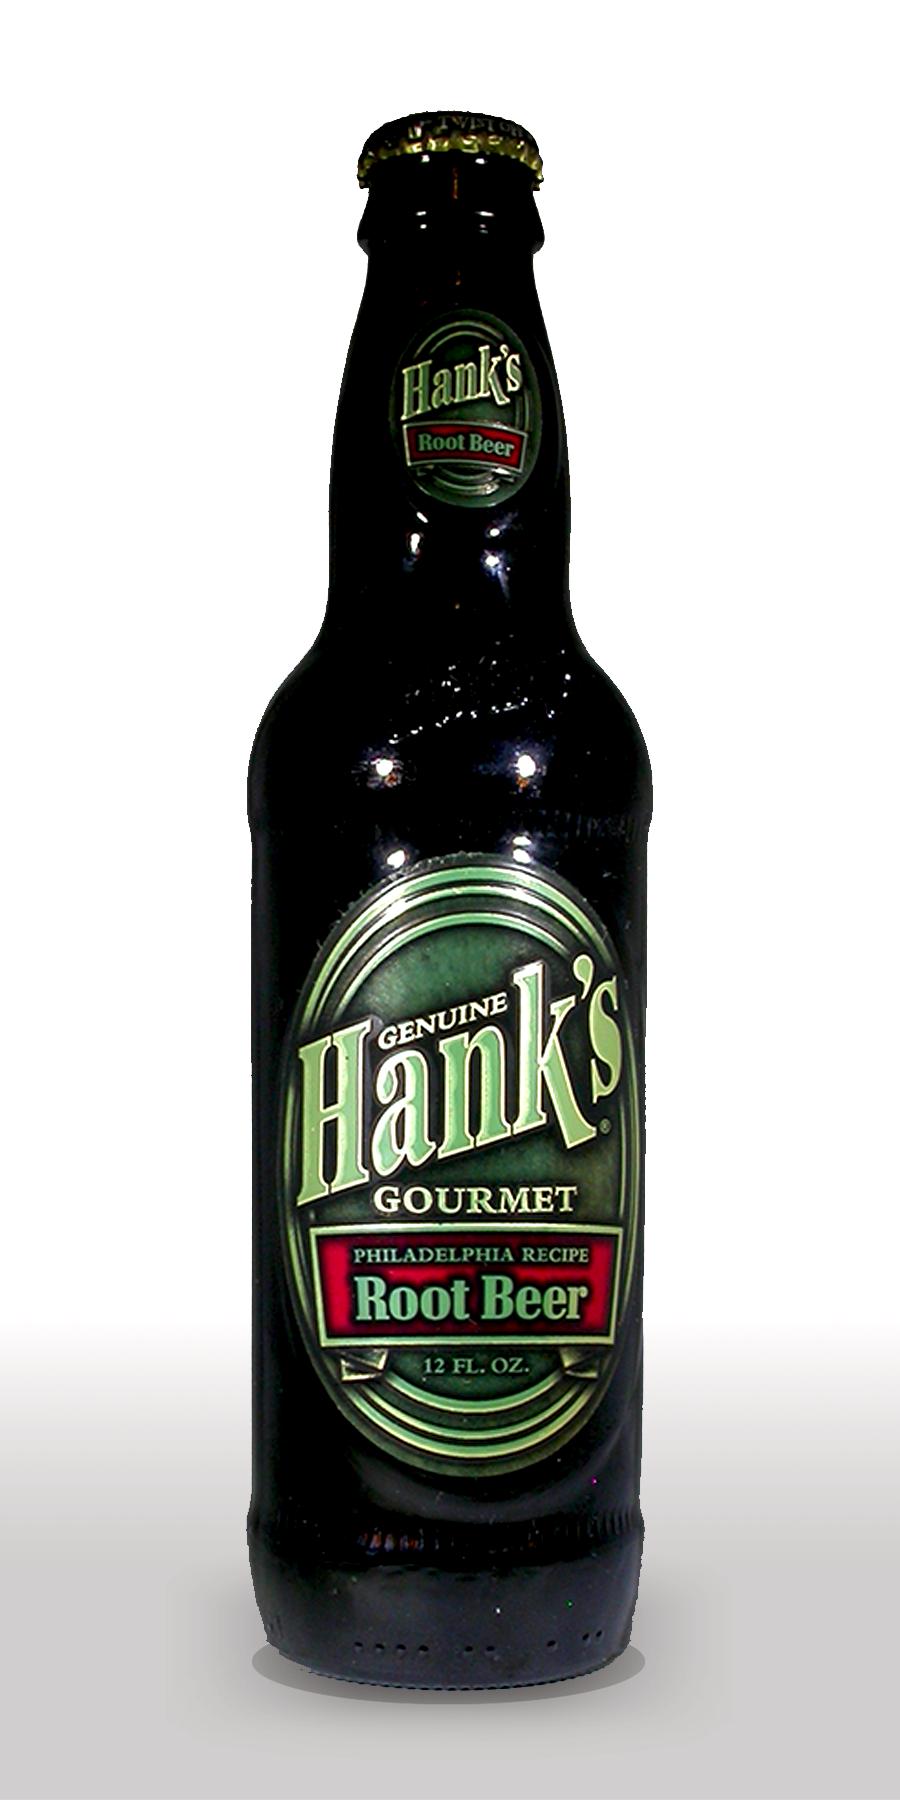 RB-Hanks-Philadelphia Recipe rootbeer.png